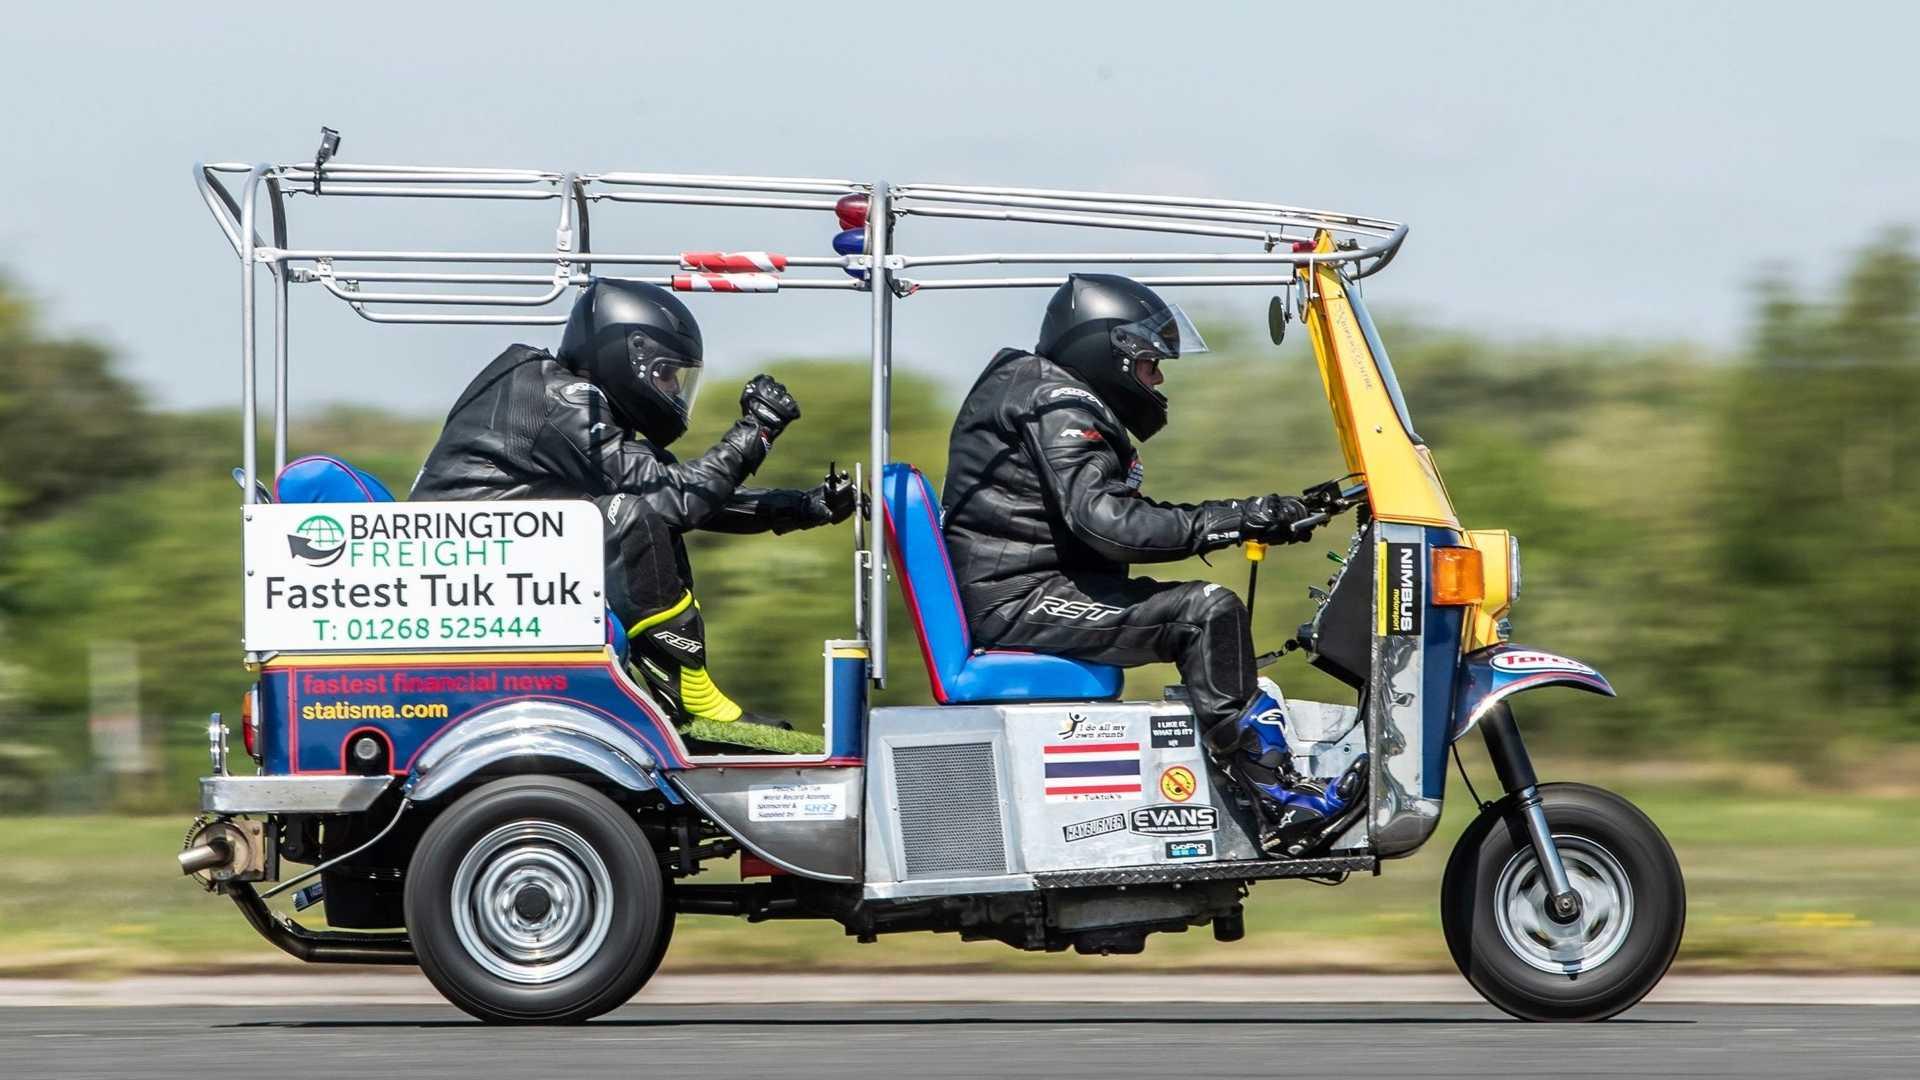 120 км/ч: новый мировой рекорд скорости на тук-туке 1